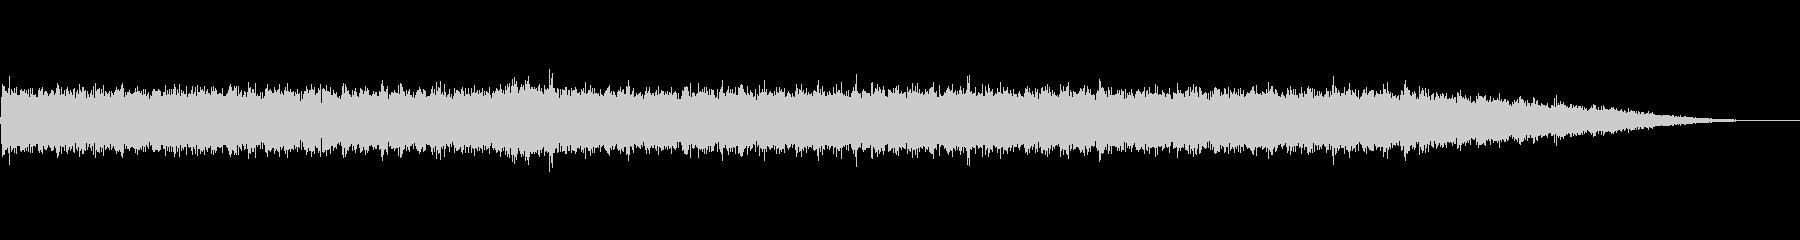 シュシュ…印刷工場の版刷りの音の未再生の波形